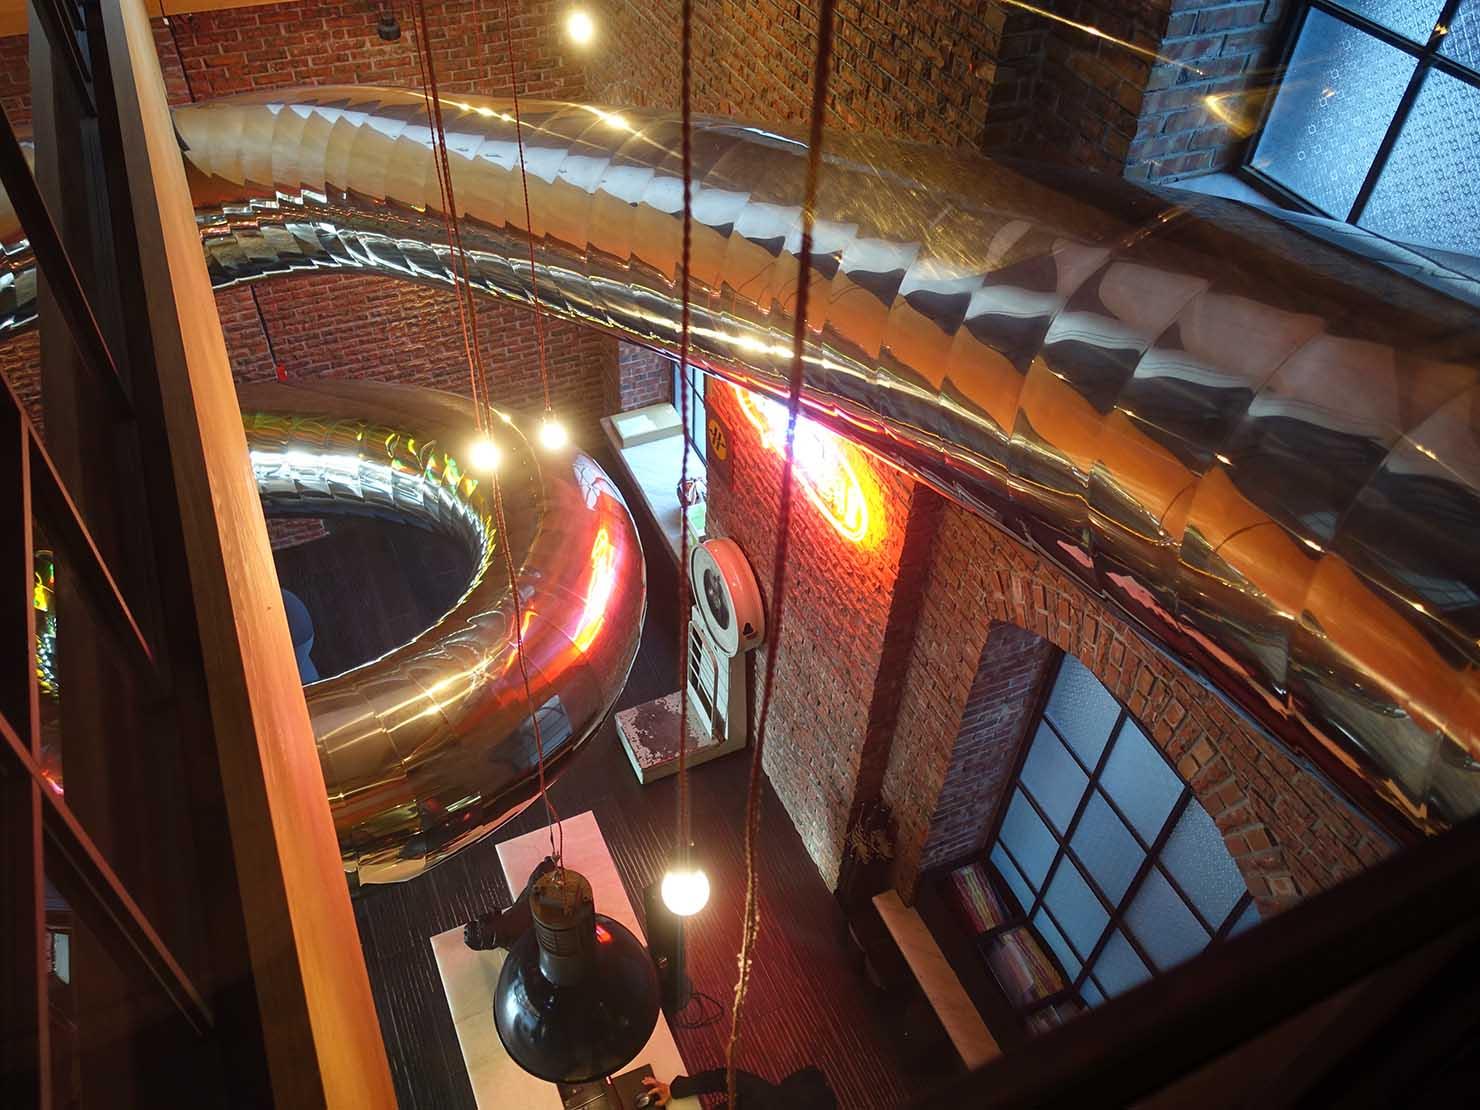 台中駅前のおすすめデザインホテル「紅點文旅 RedDot Hotel」2Fから見る滑り台